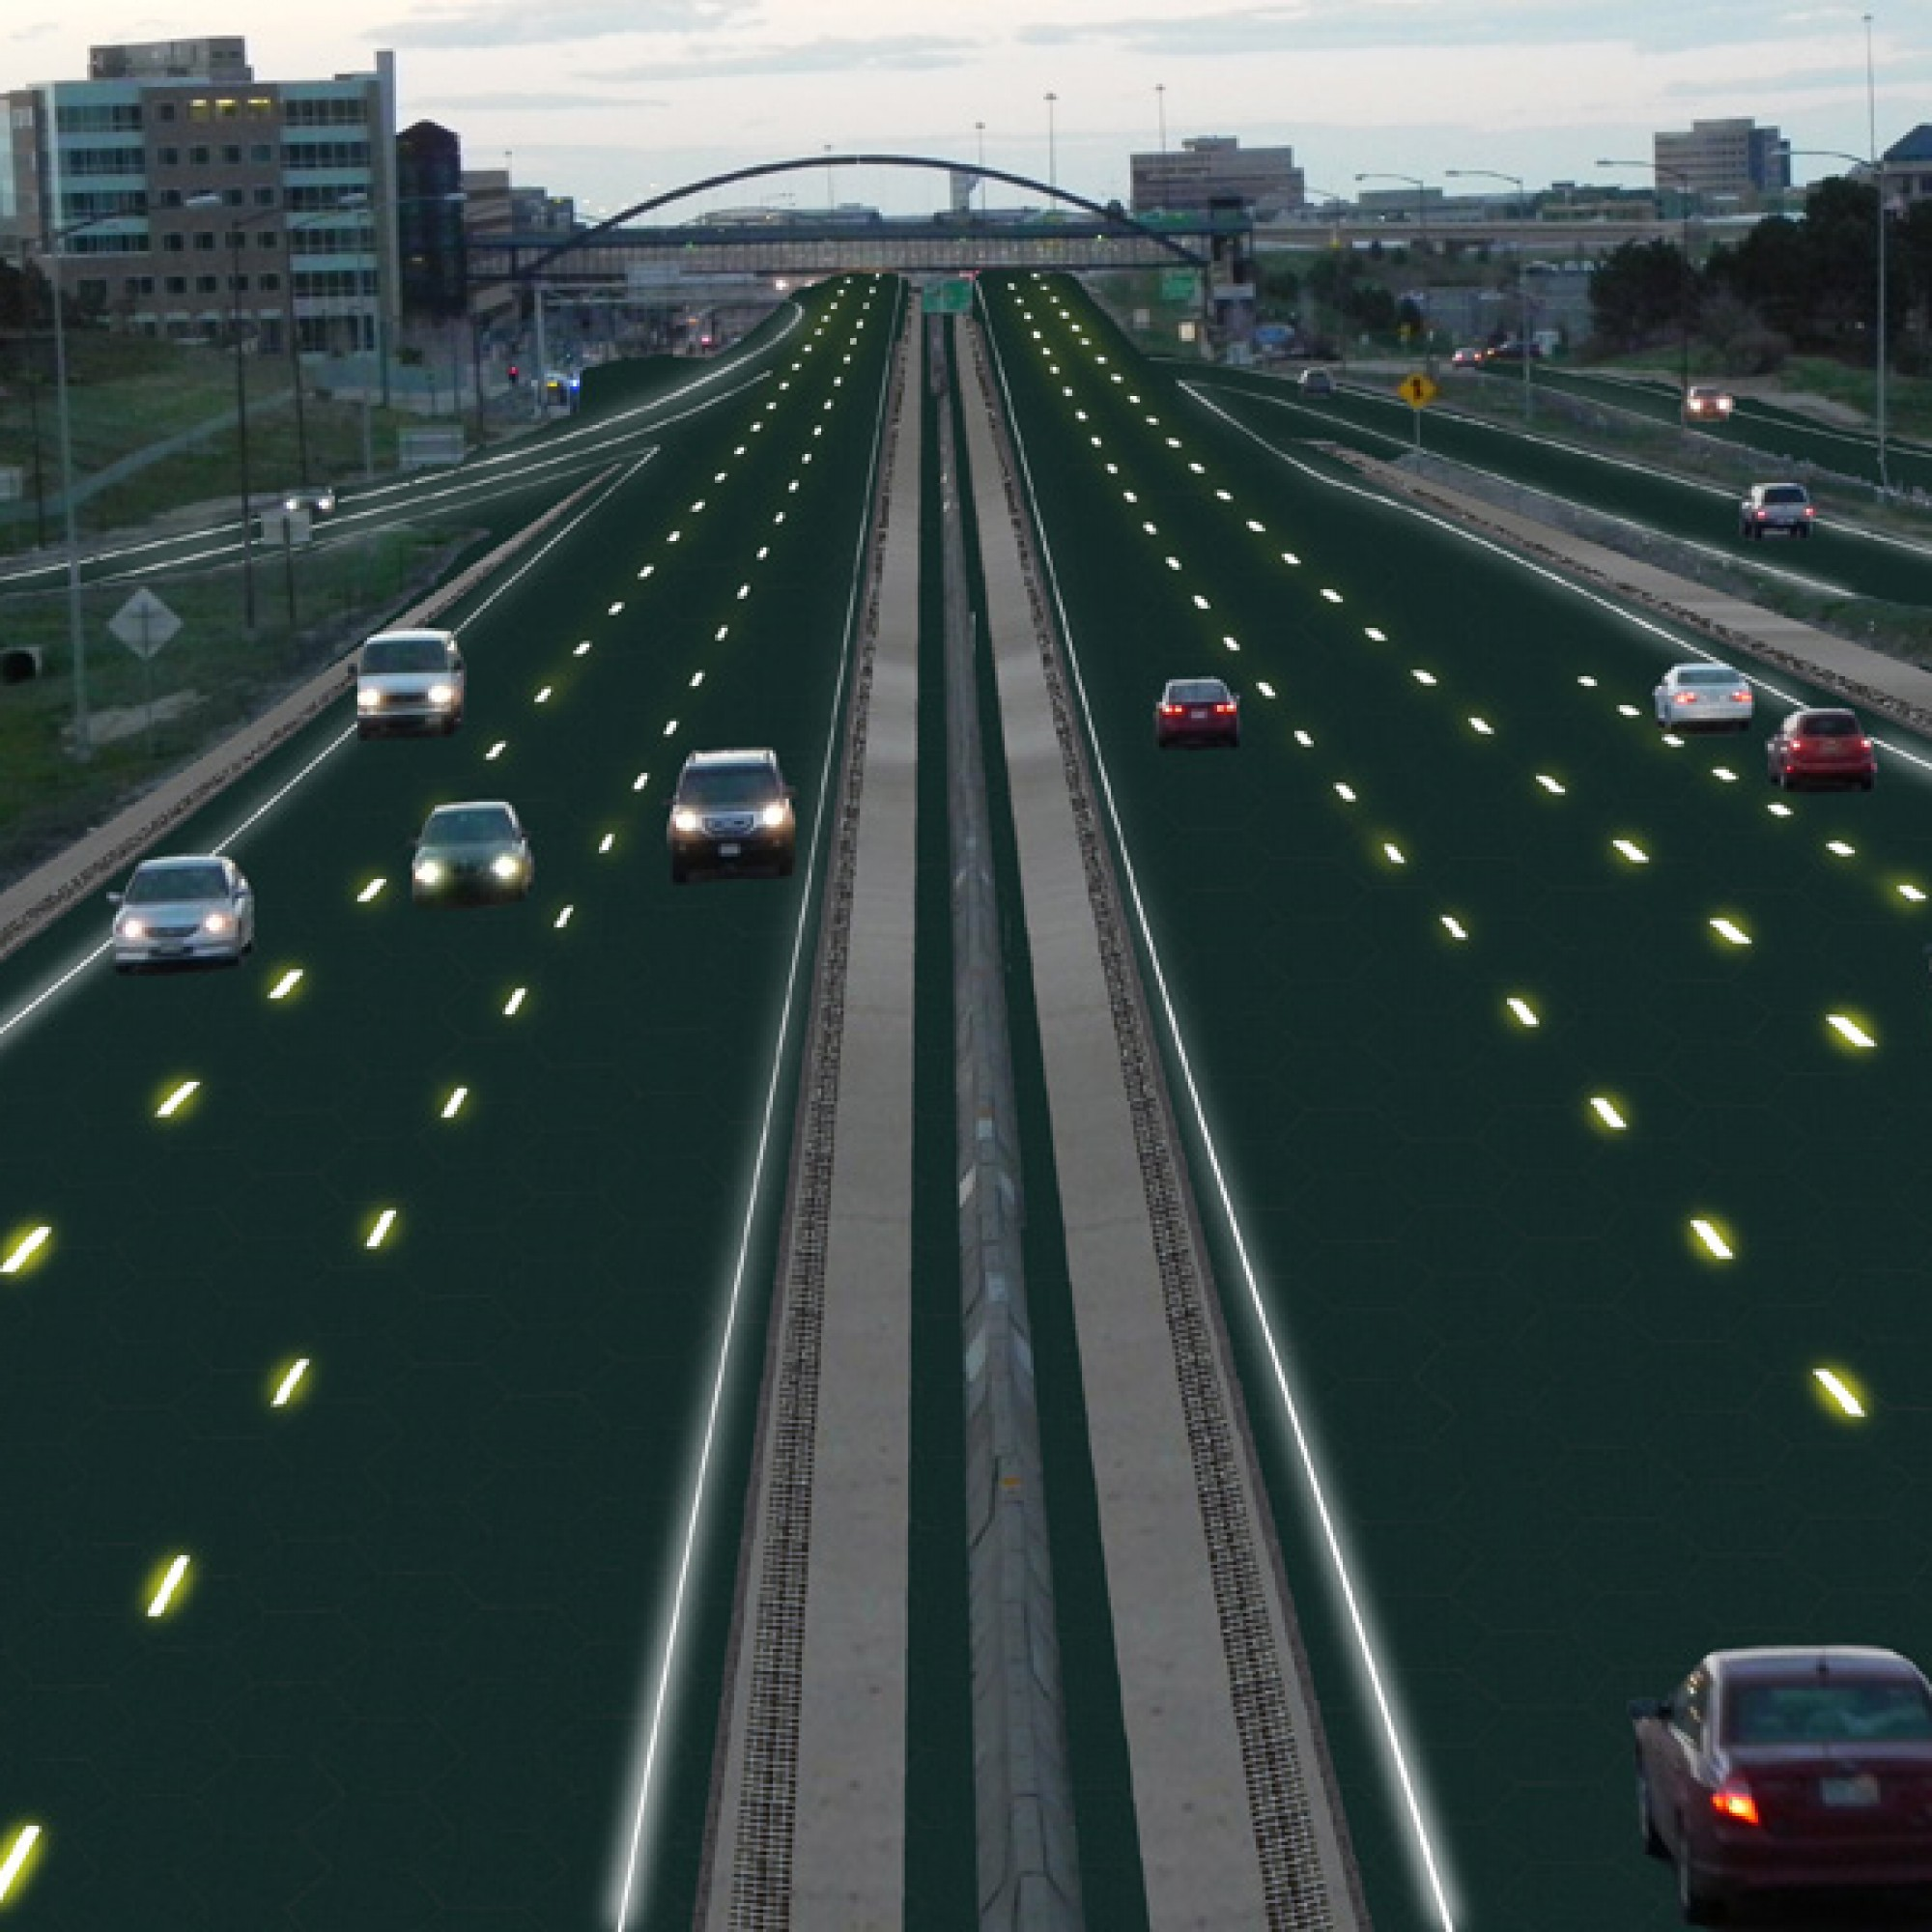 Die Interstate der Zukunft? (Visualisierungen zvg)